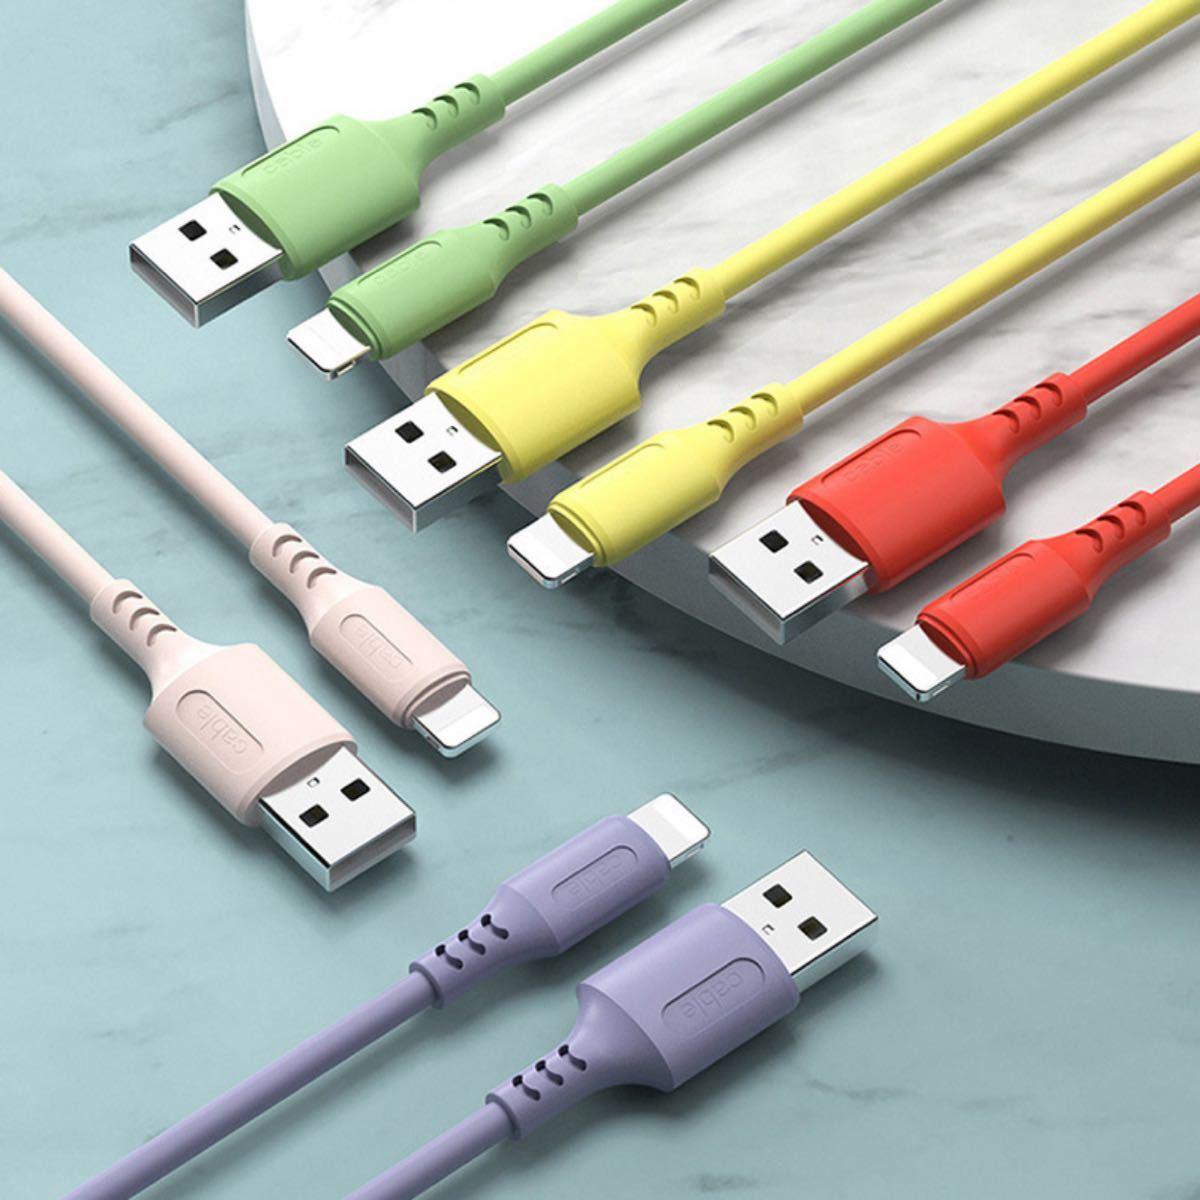 充電 ケーブル 1M iPhone アイフォンケーブル 急速充電 12Pro11ProMax5本セット 液体シリコン 柔らかい